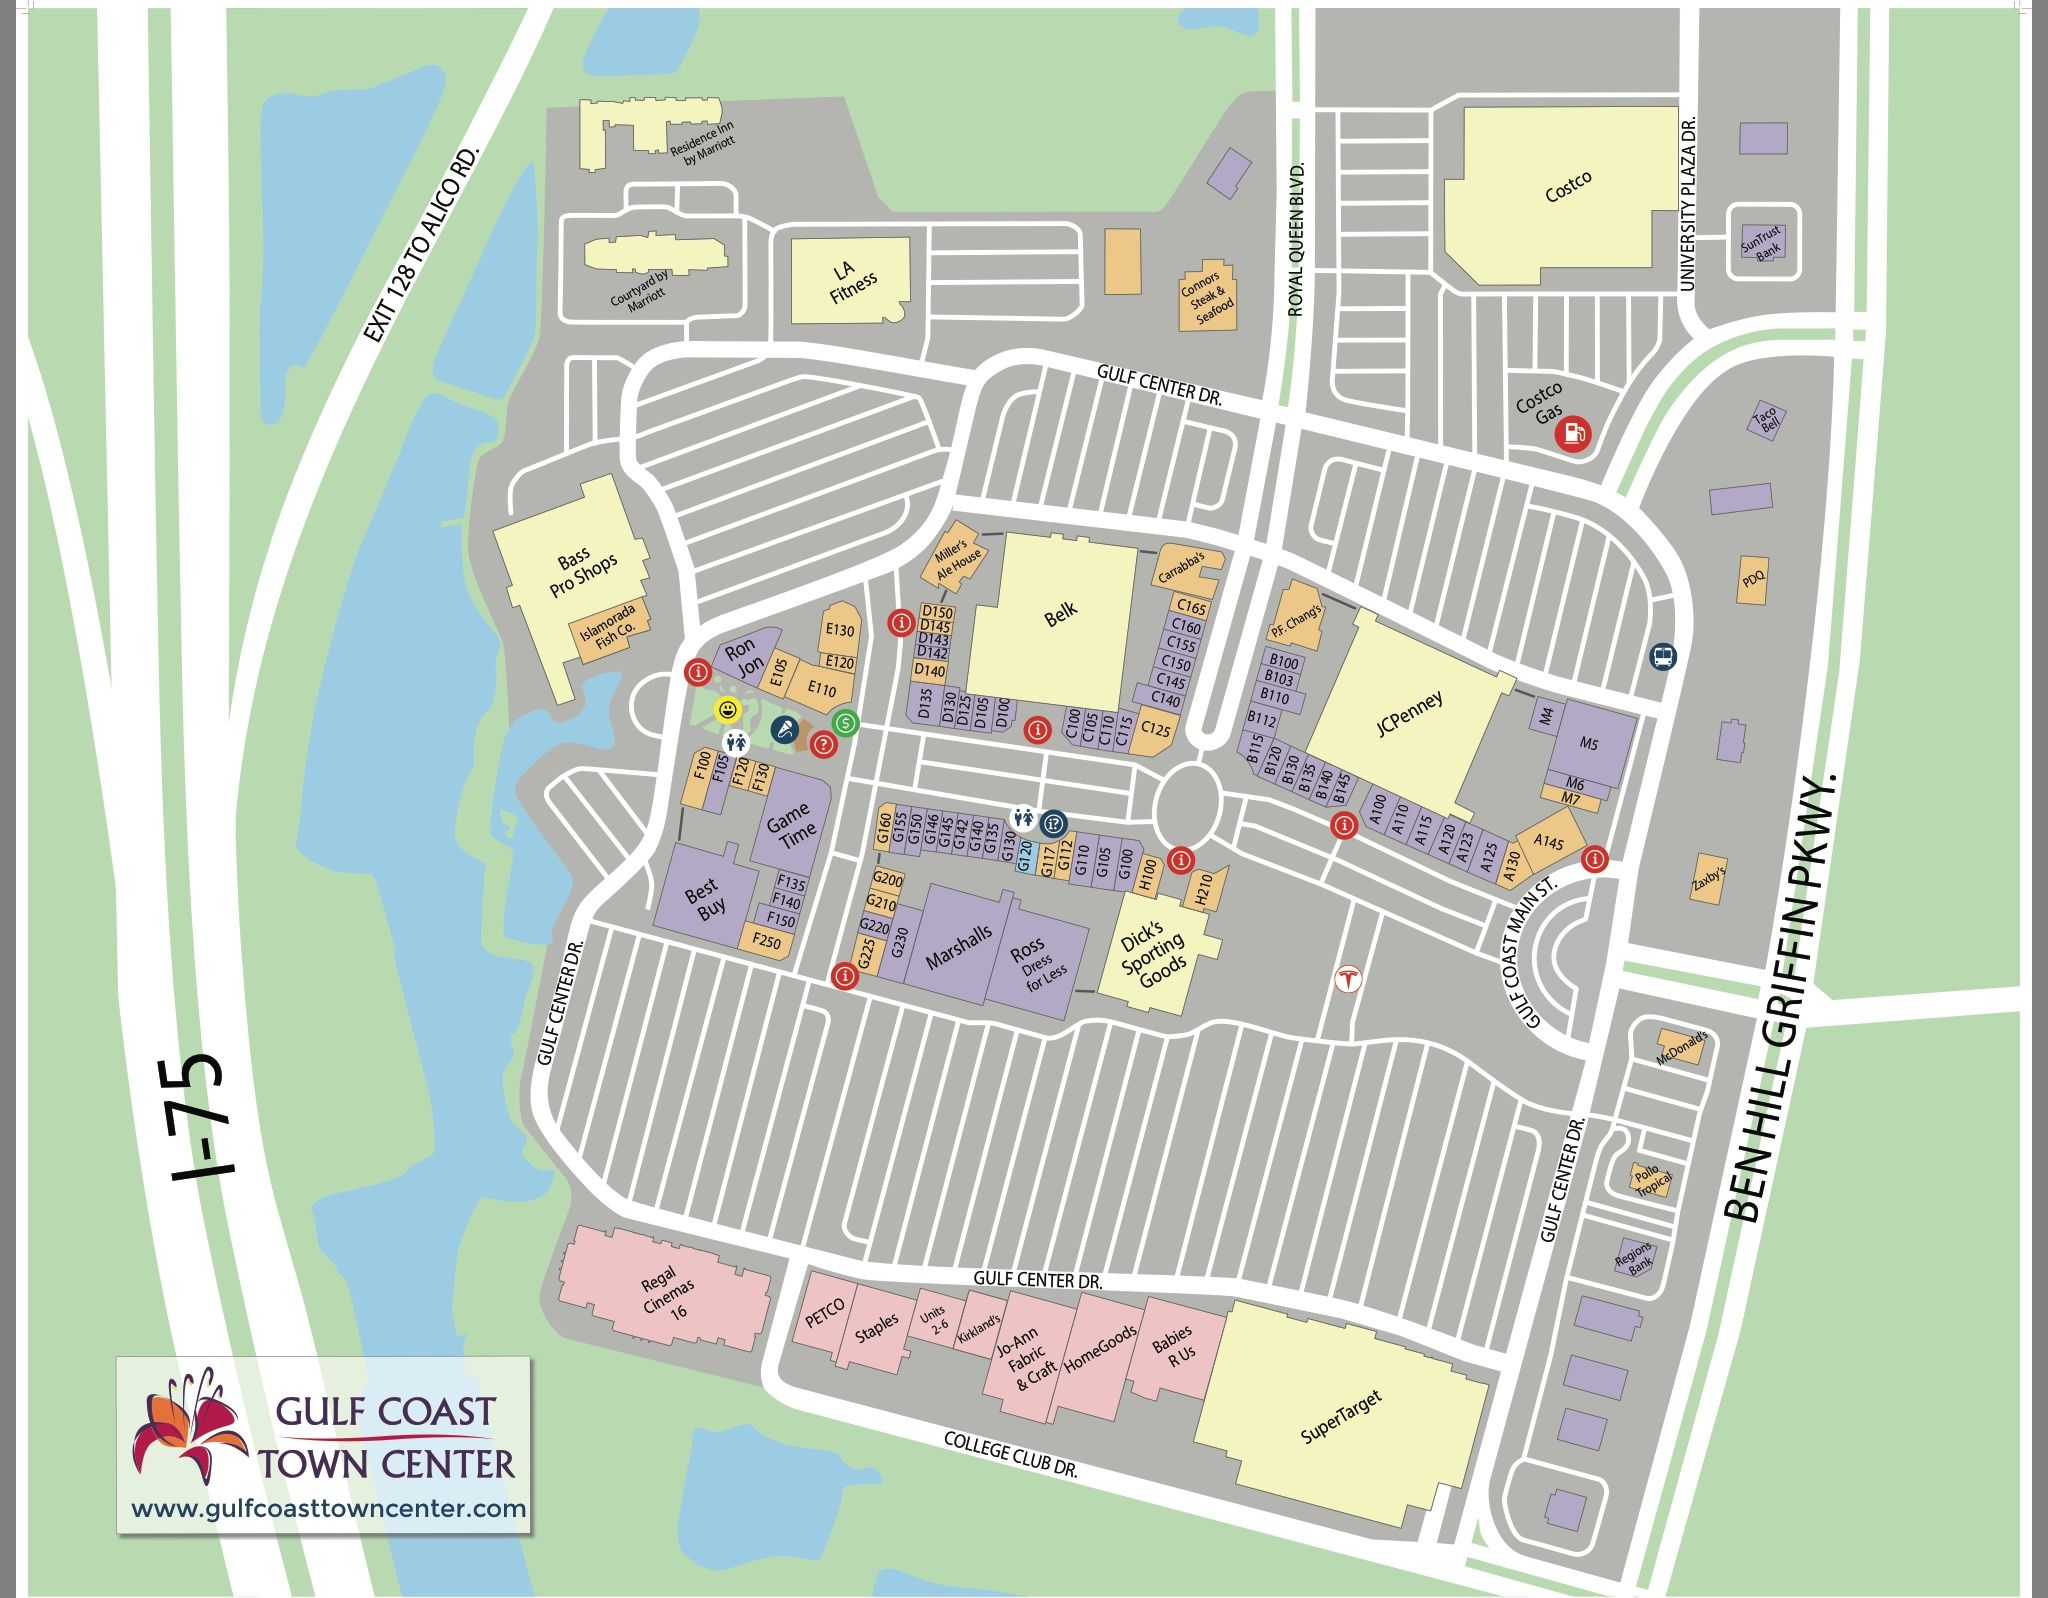 Gulf Coast Town Center Map Gulf Coast Town Center map | Gulf Coast Town Center Gulf Coast Town Center Map